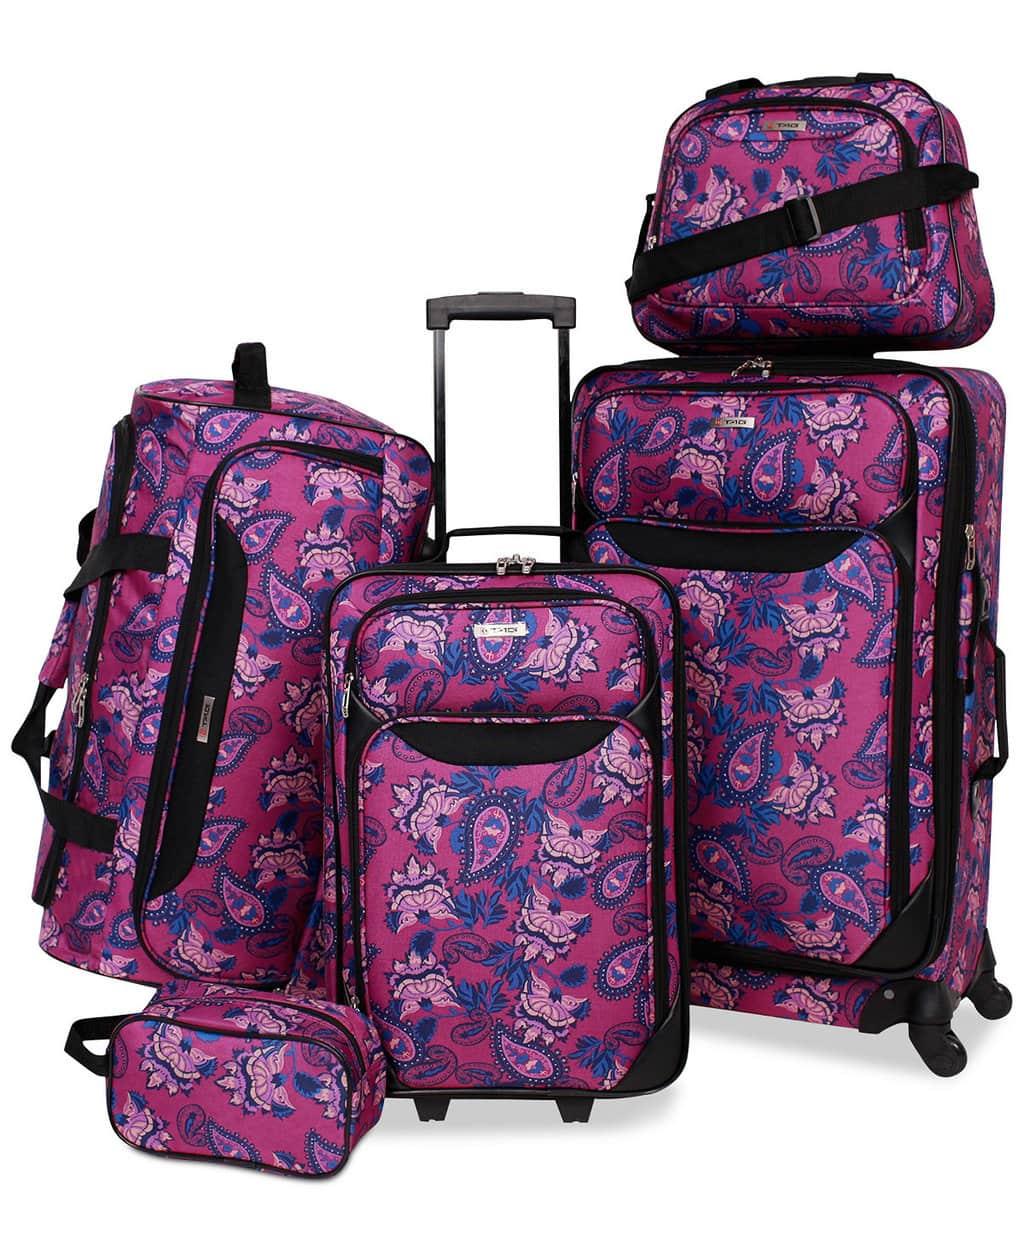 Purple printed luggage set